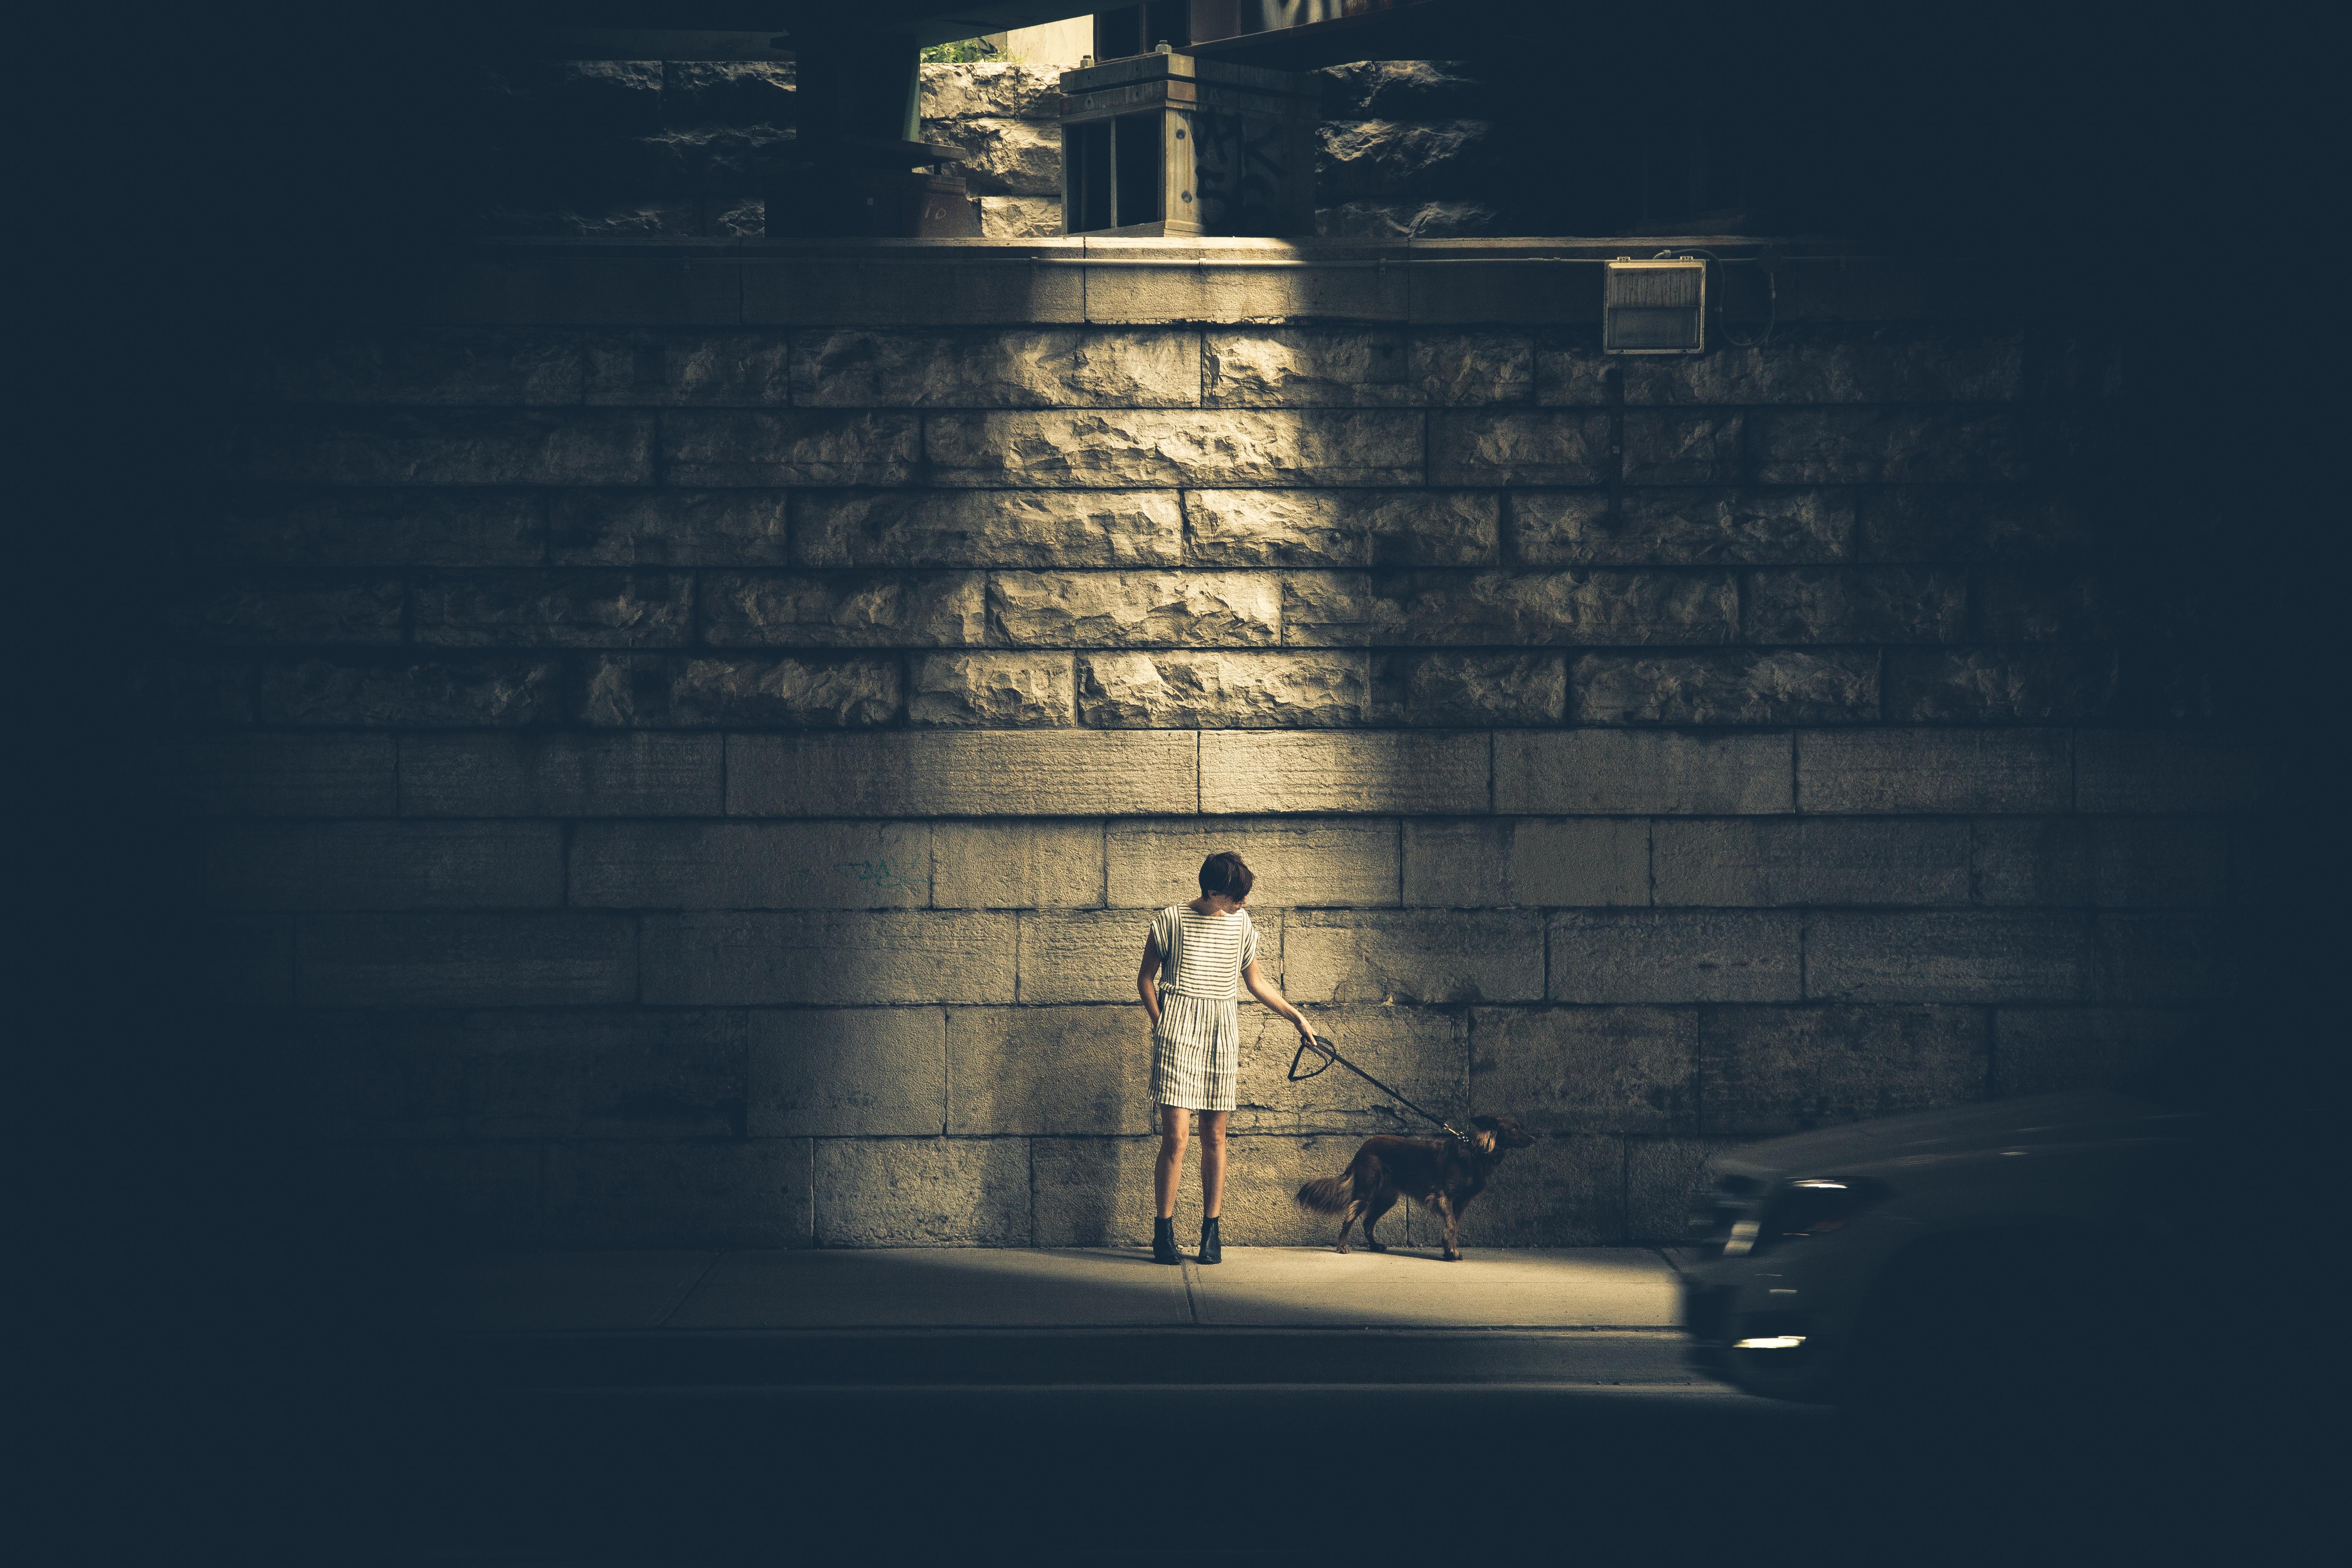 wandering alone at night - HD3840×2560